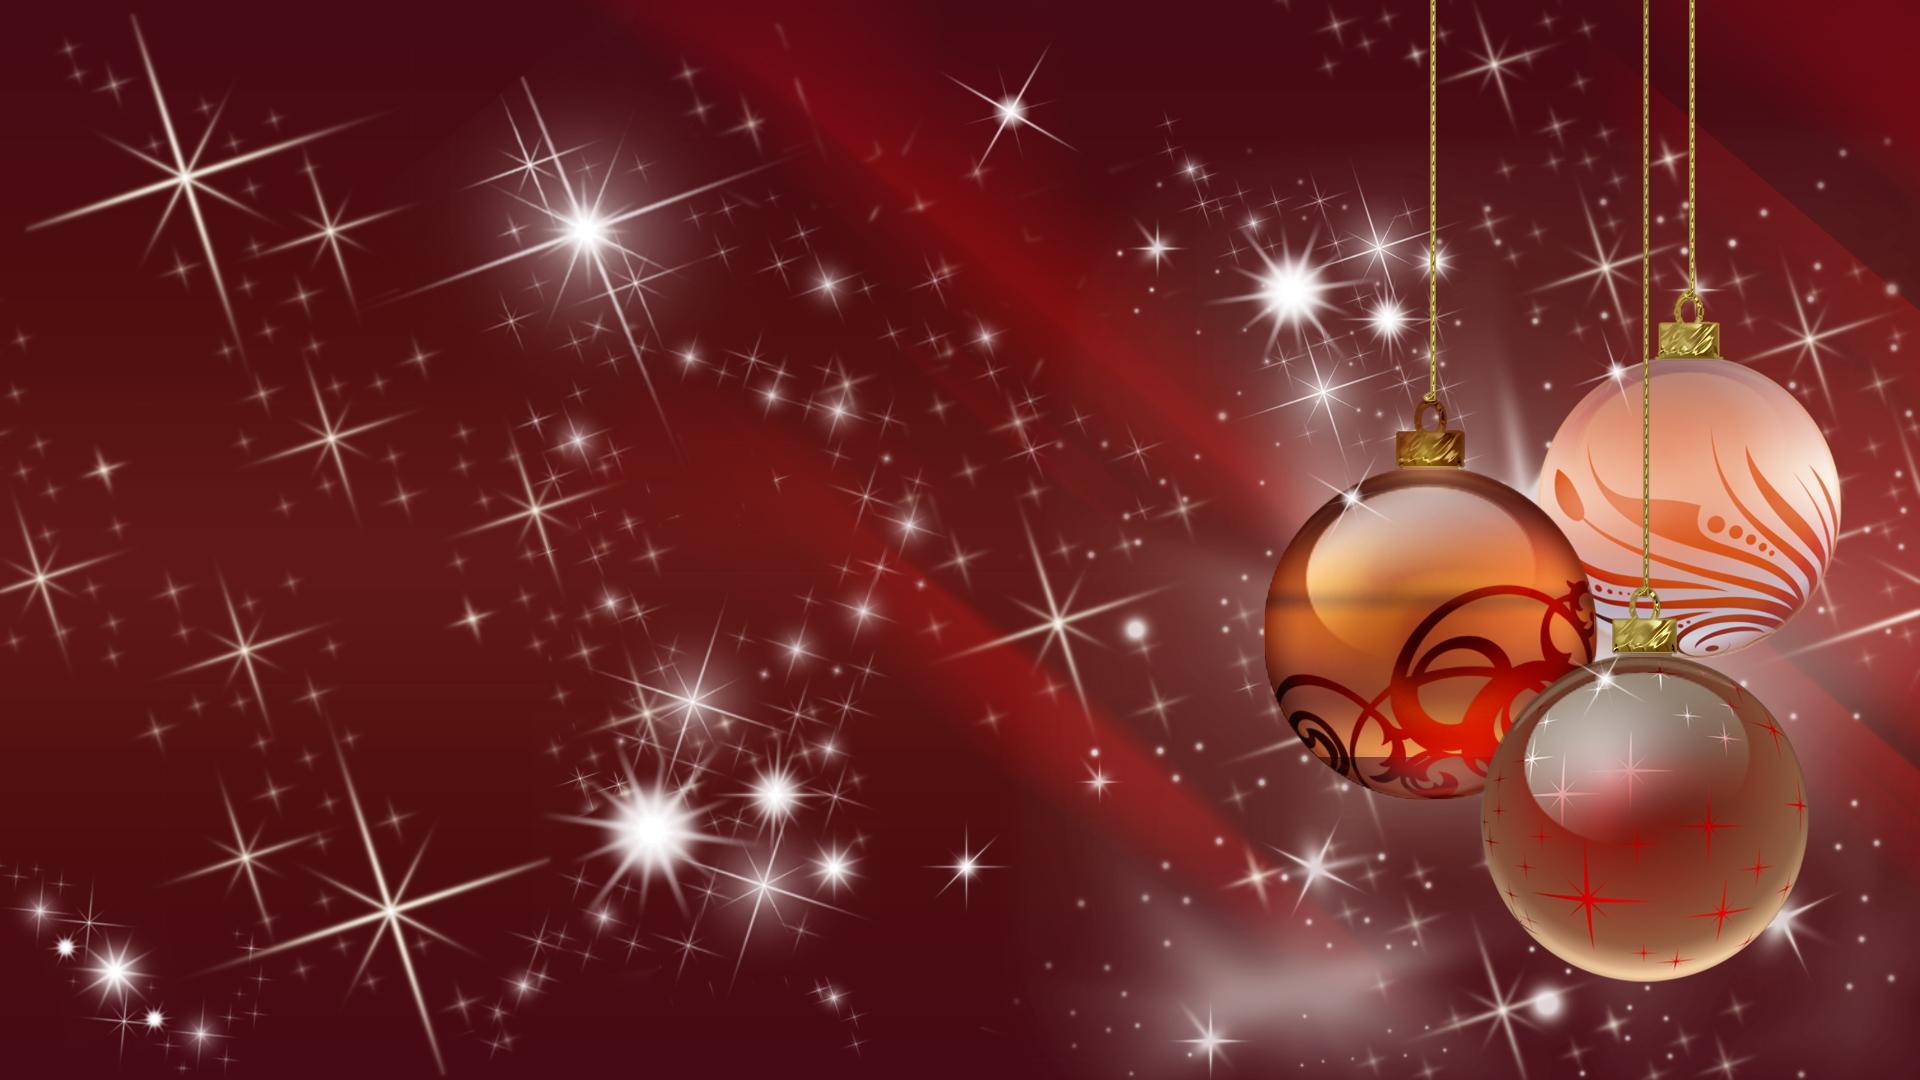 wallpaper Christmas Wallpaper hd wallpaper background desktop 1920x1080